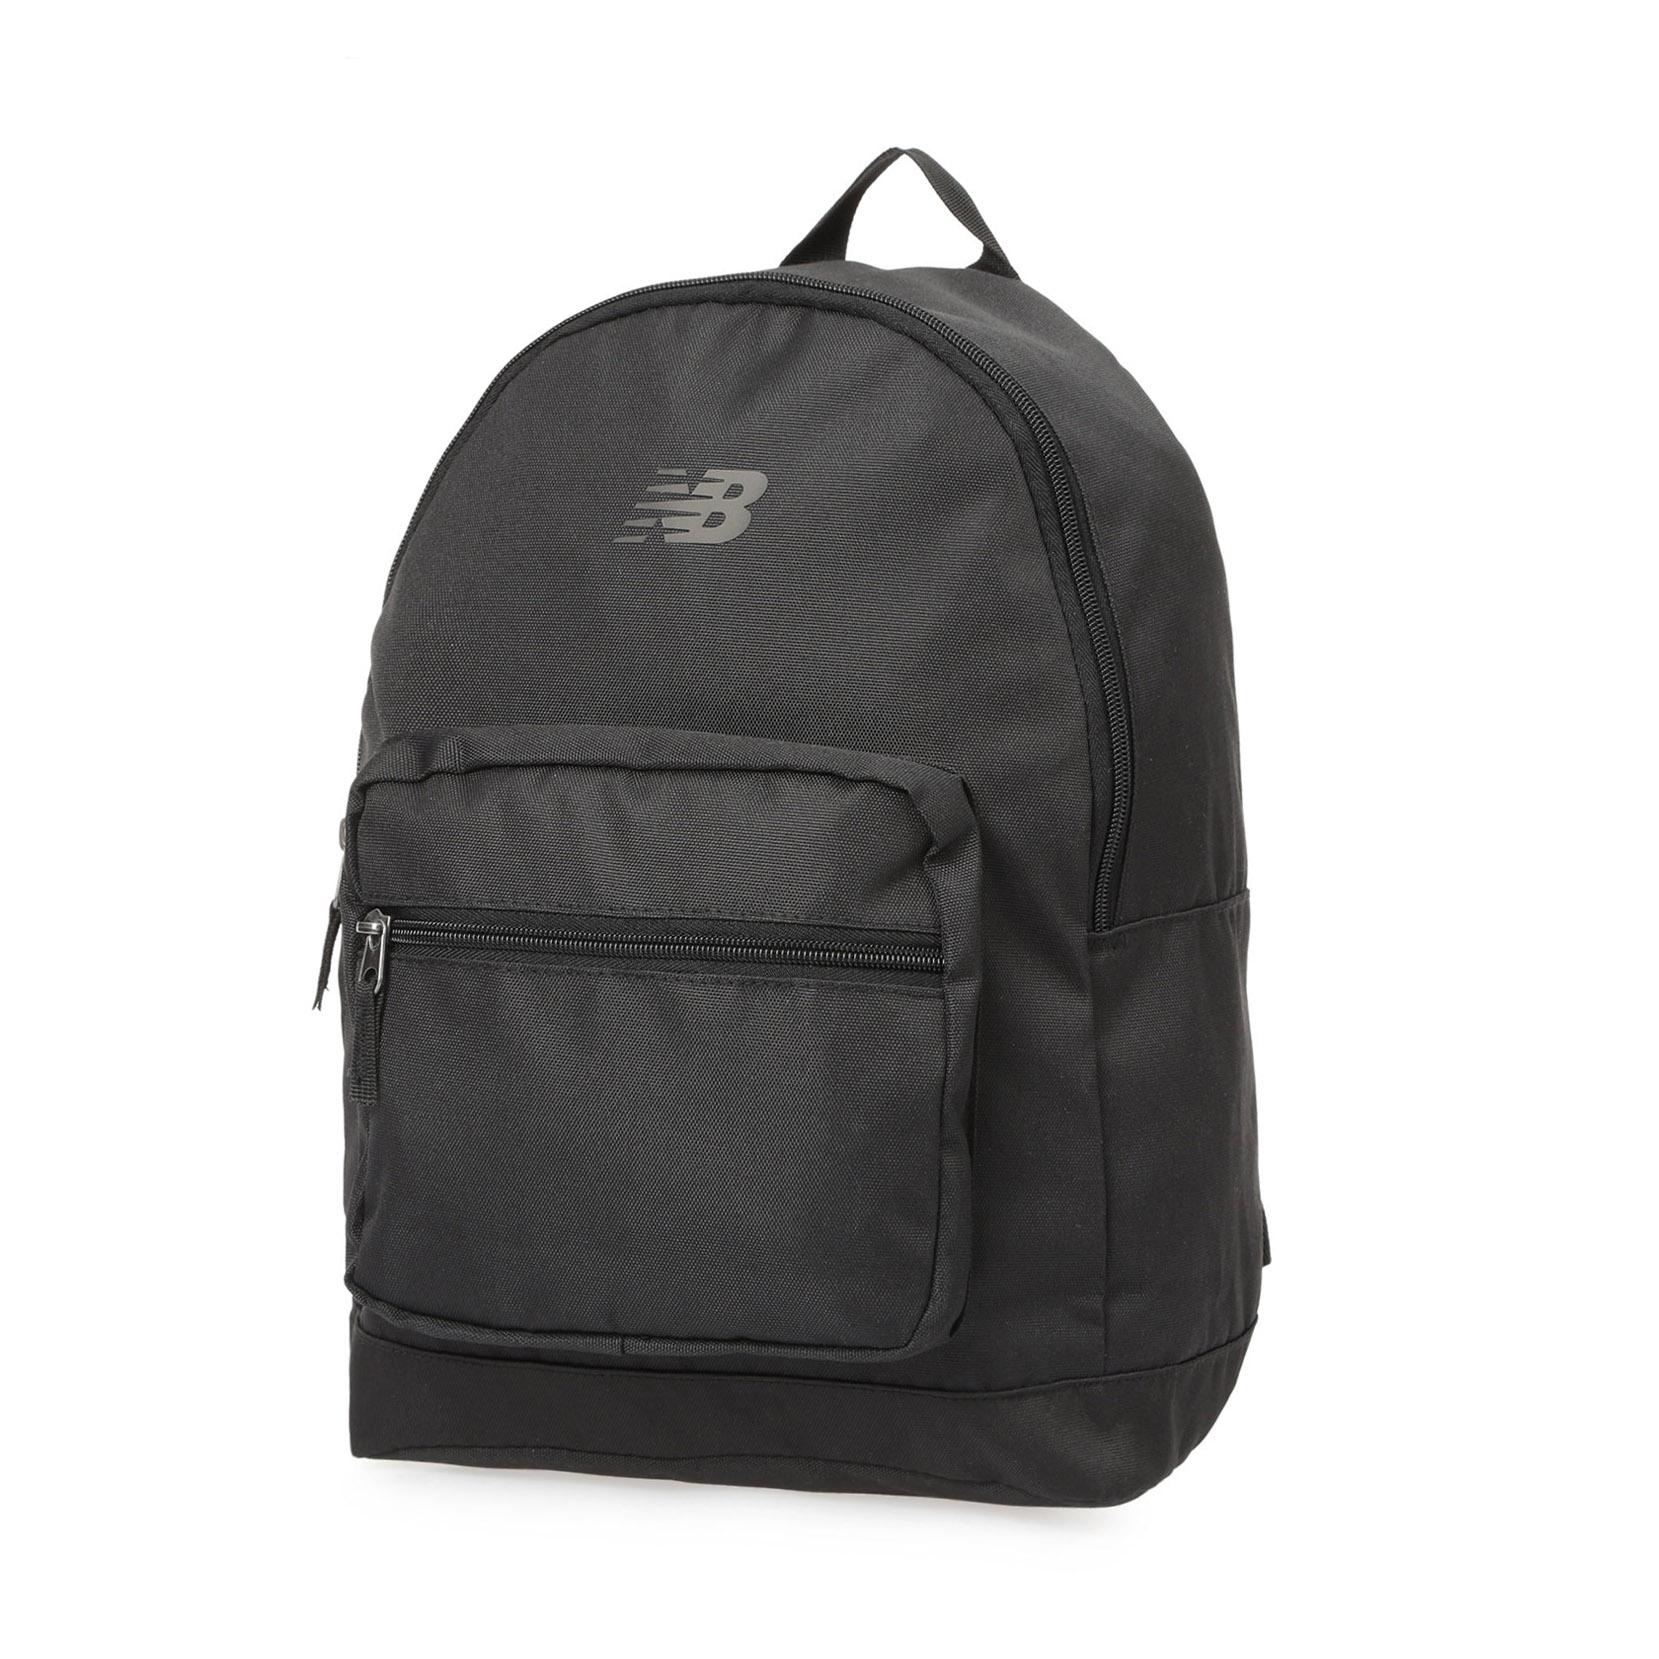 Рюкзак Classic Backpack LAB91017BK | New Balance